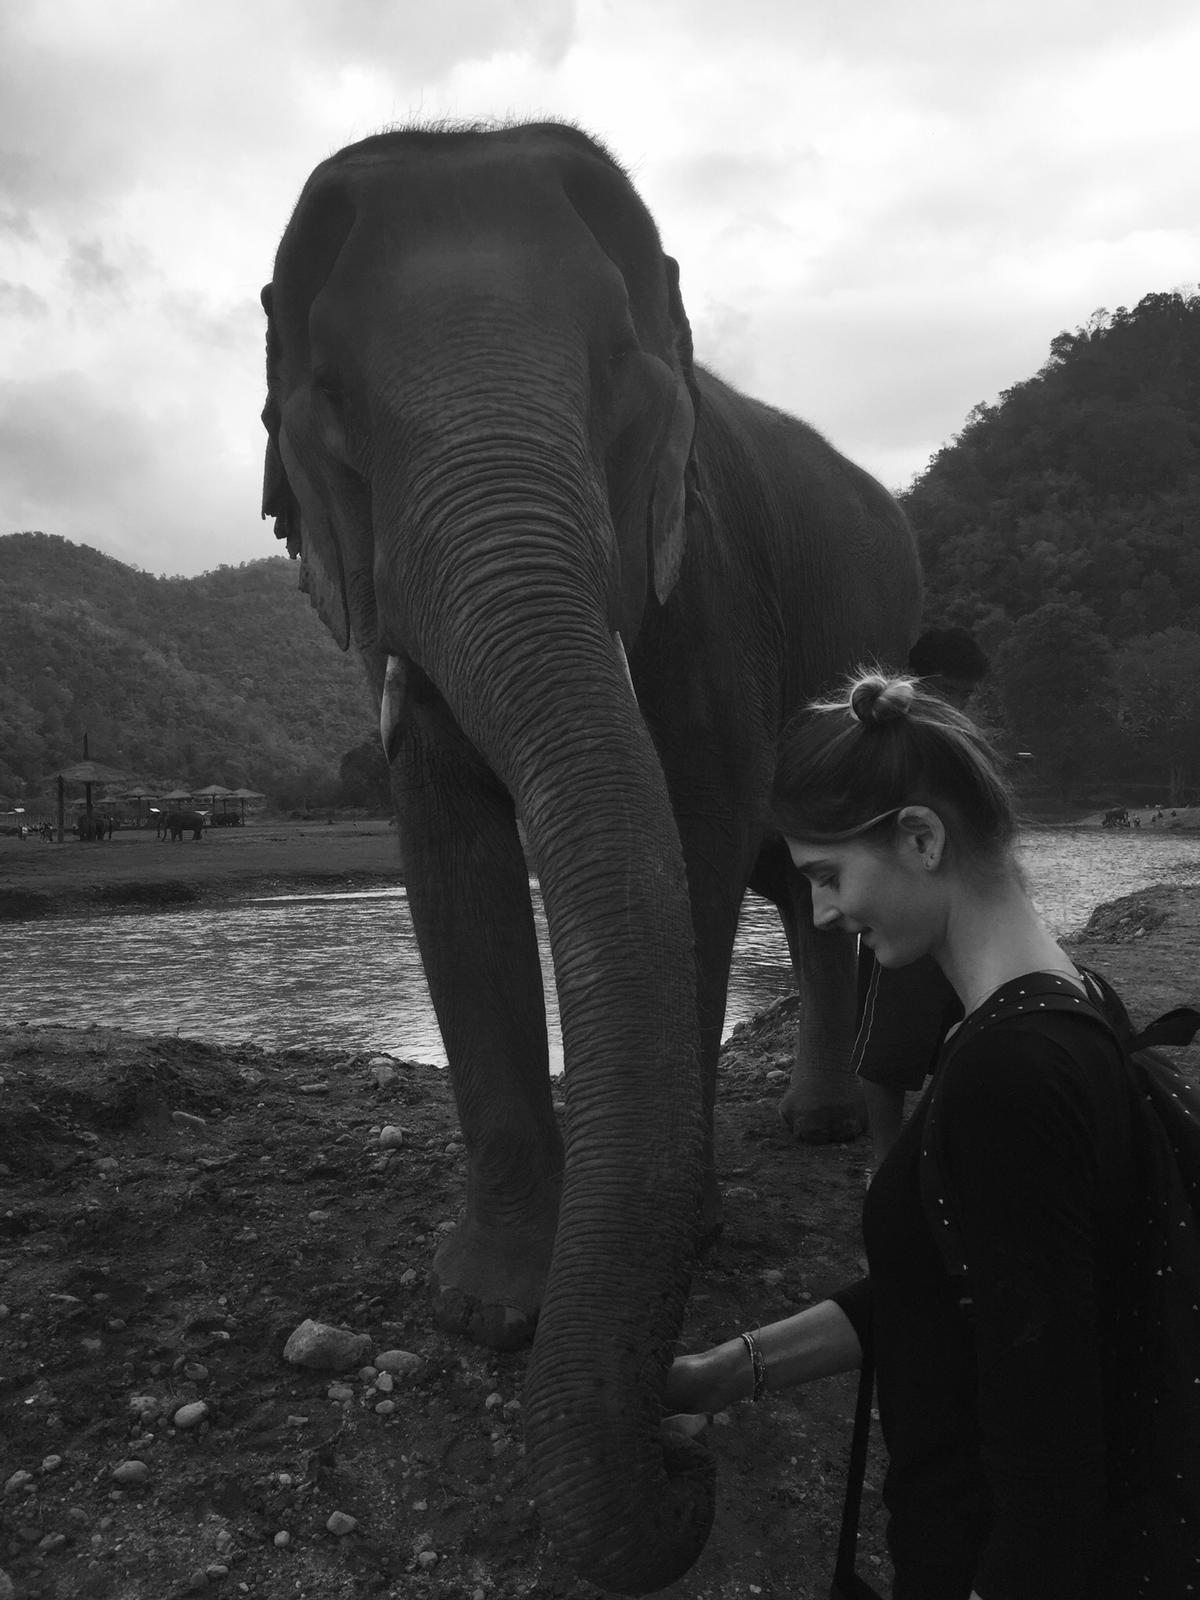 Réserve et refuge d'éléphants en Thaïlande - faire un don